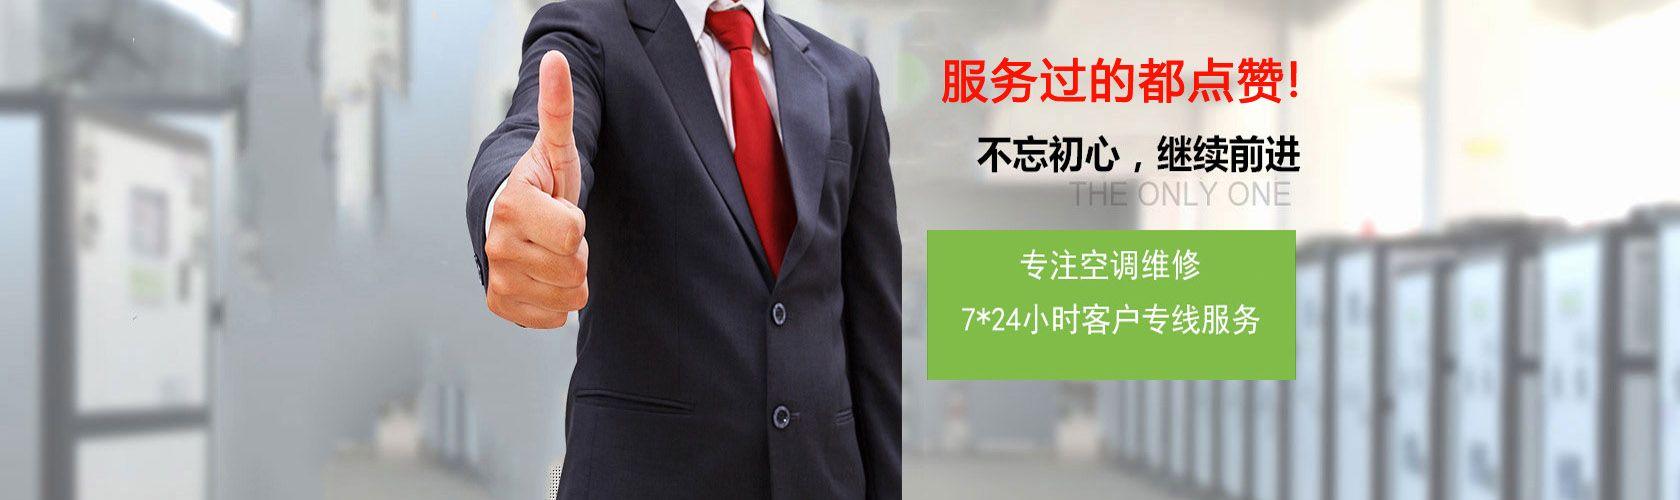 广州空调维修客户表障点赞